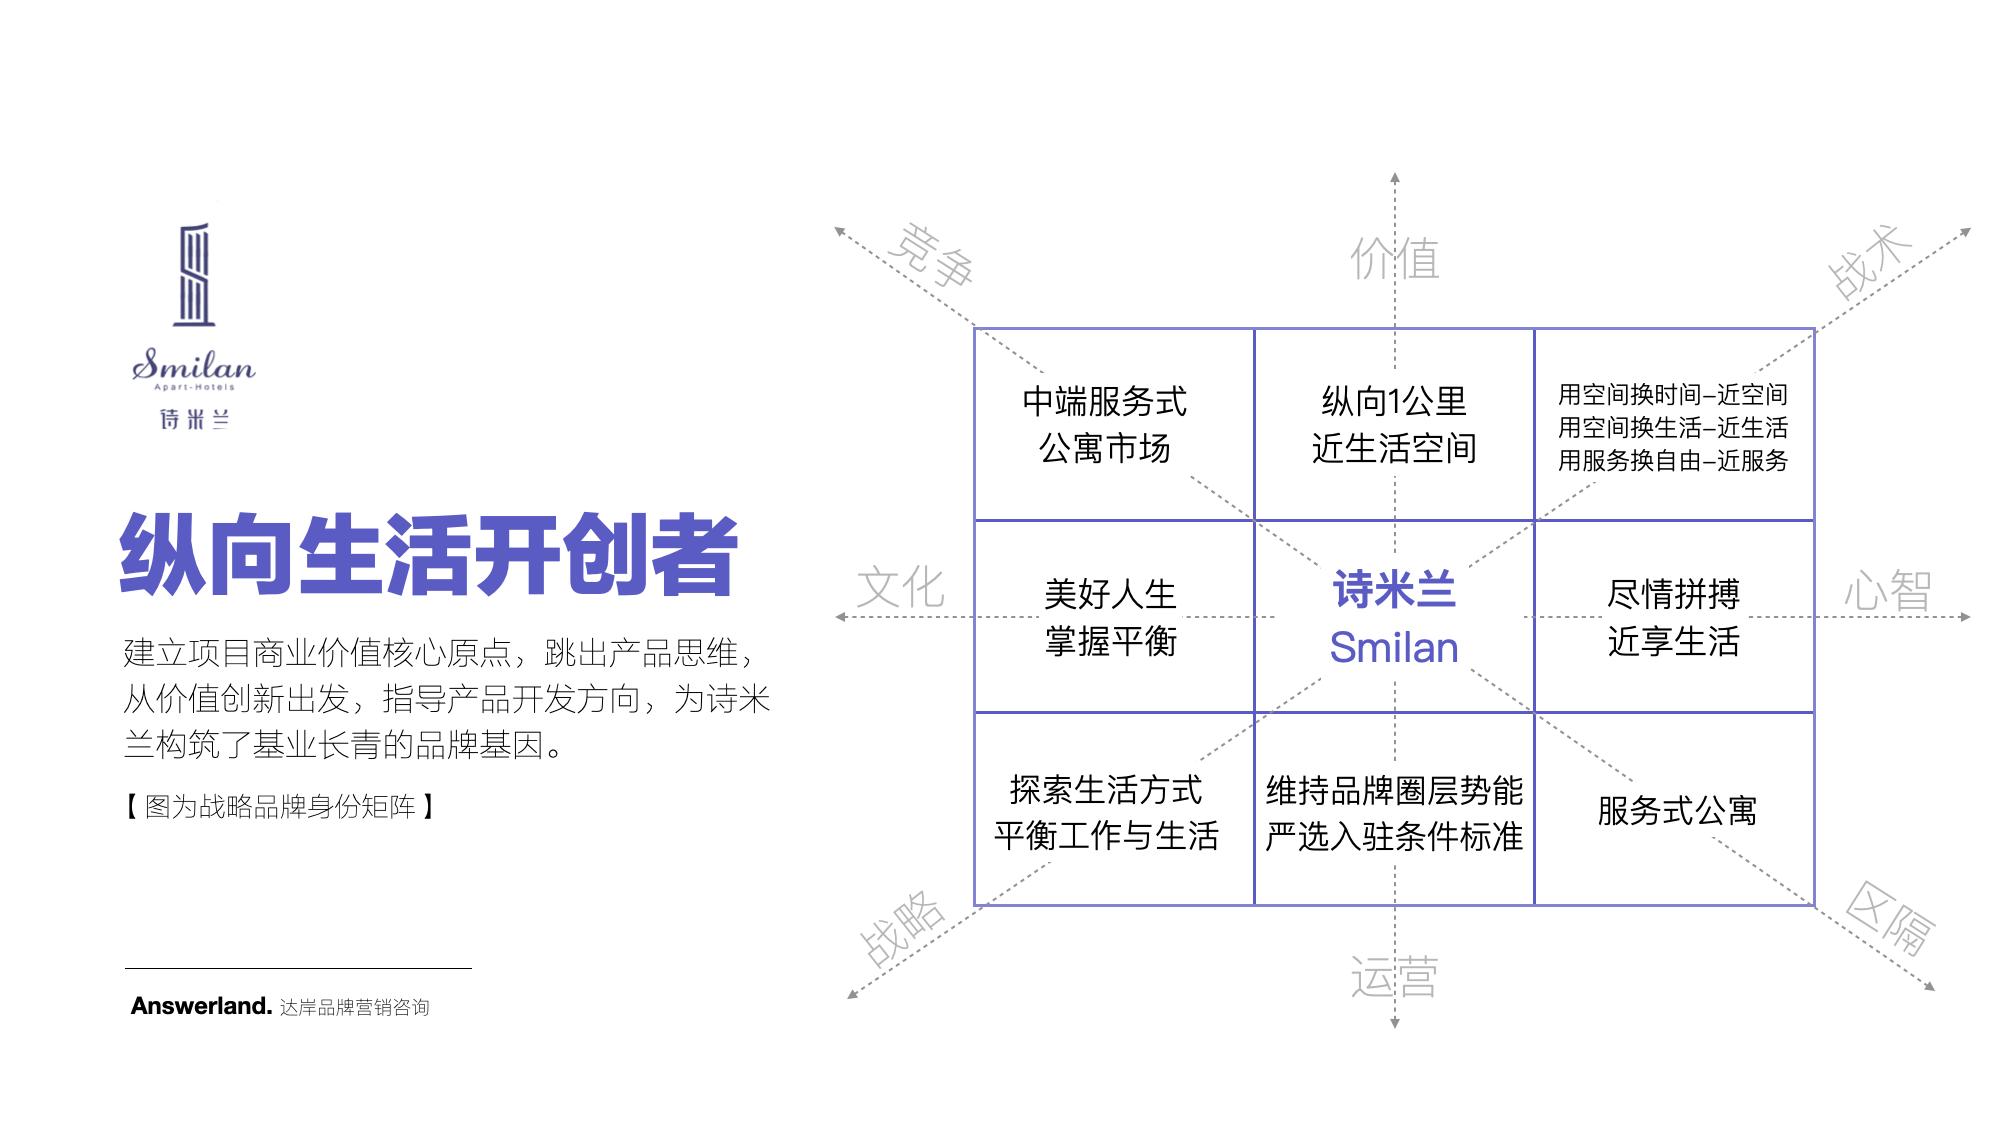 诗米兰公寓酒店品牌策划-达岸品牌营销咨询